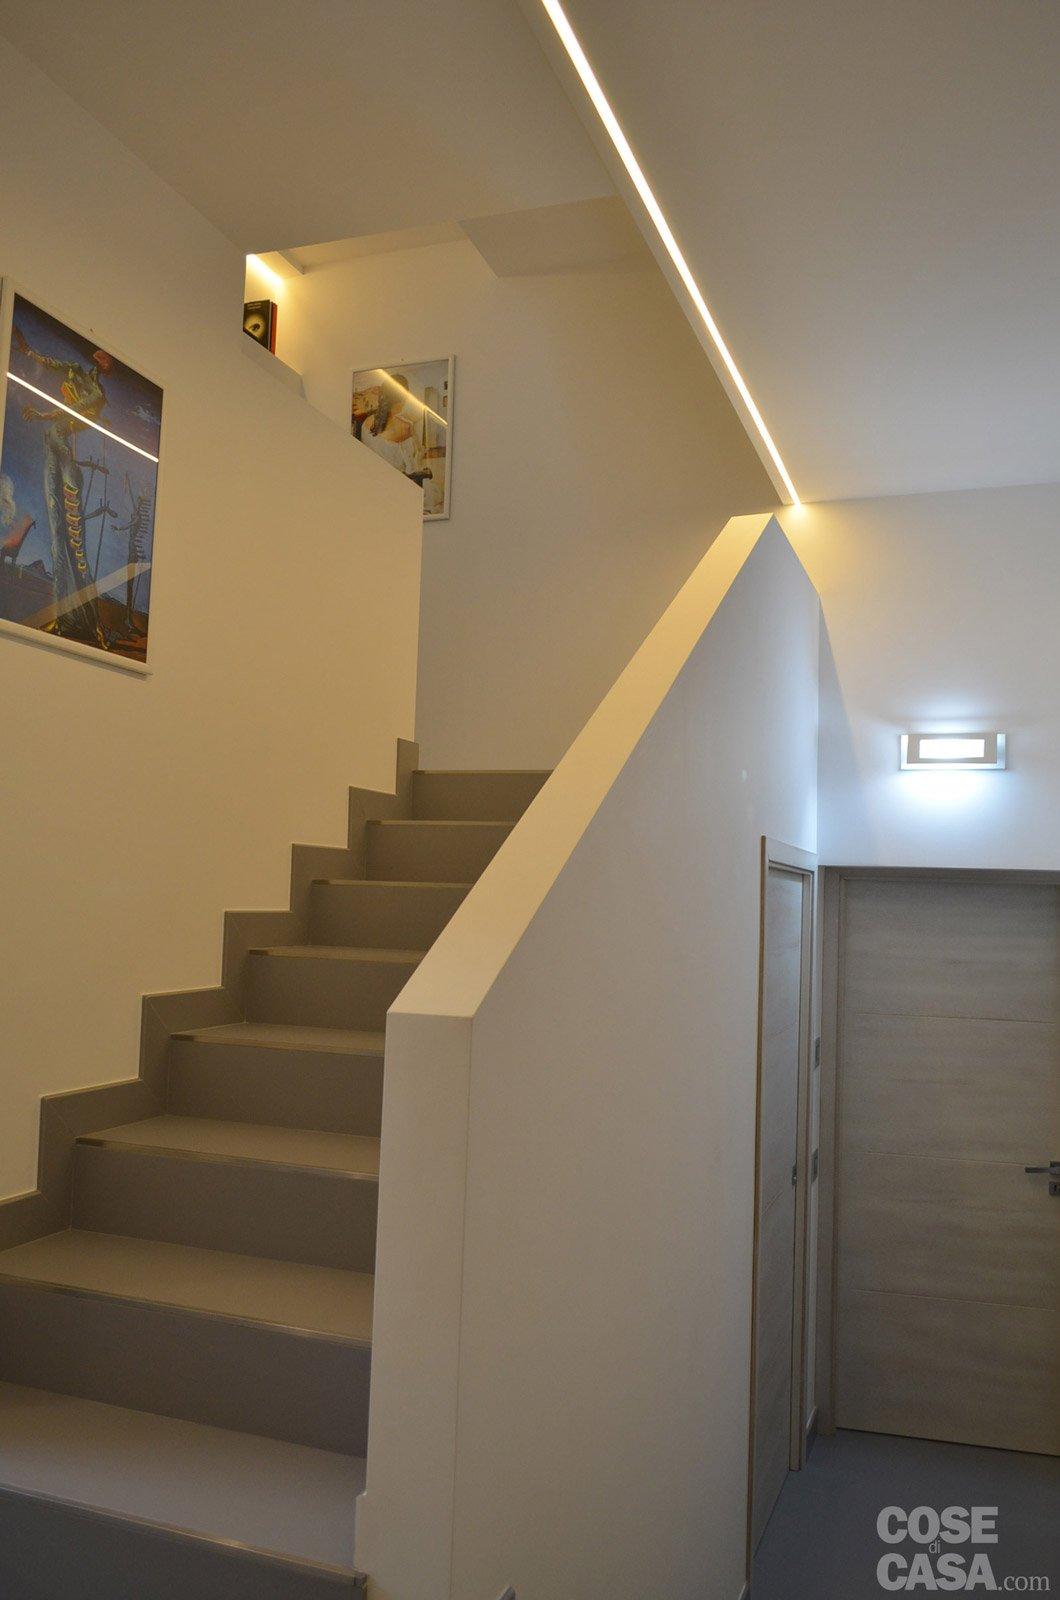 Contemporanea su 3 livelli una casa che sfrutta al meglio la pendenza del terreno cose di casa - Foto scale interne ...